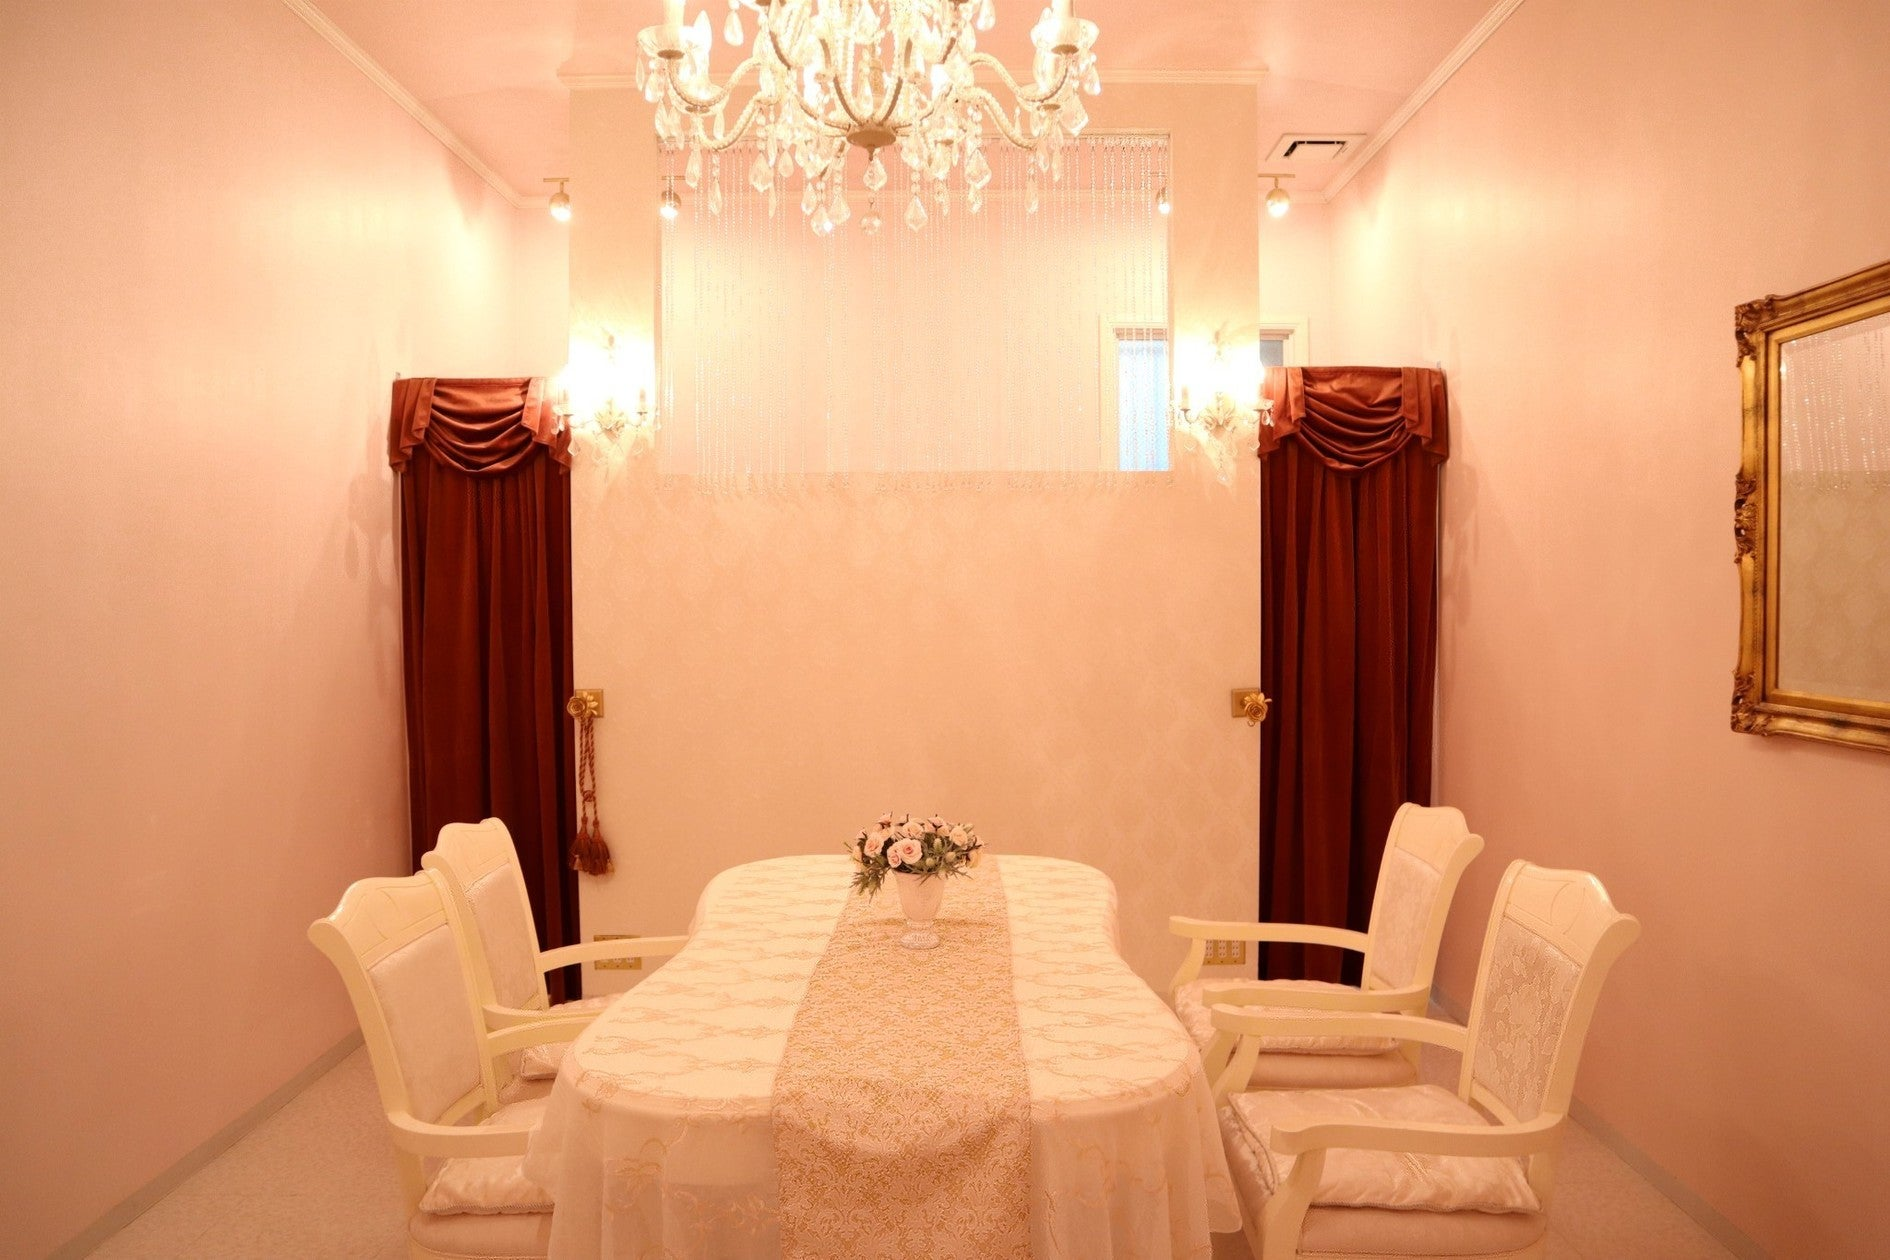 桃★☆★レンタルスペースShinytime★☆★      the pink room       の写真